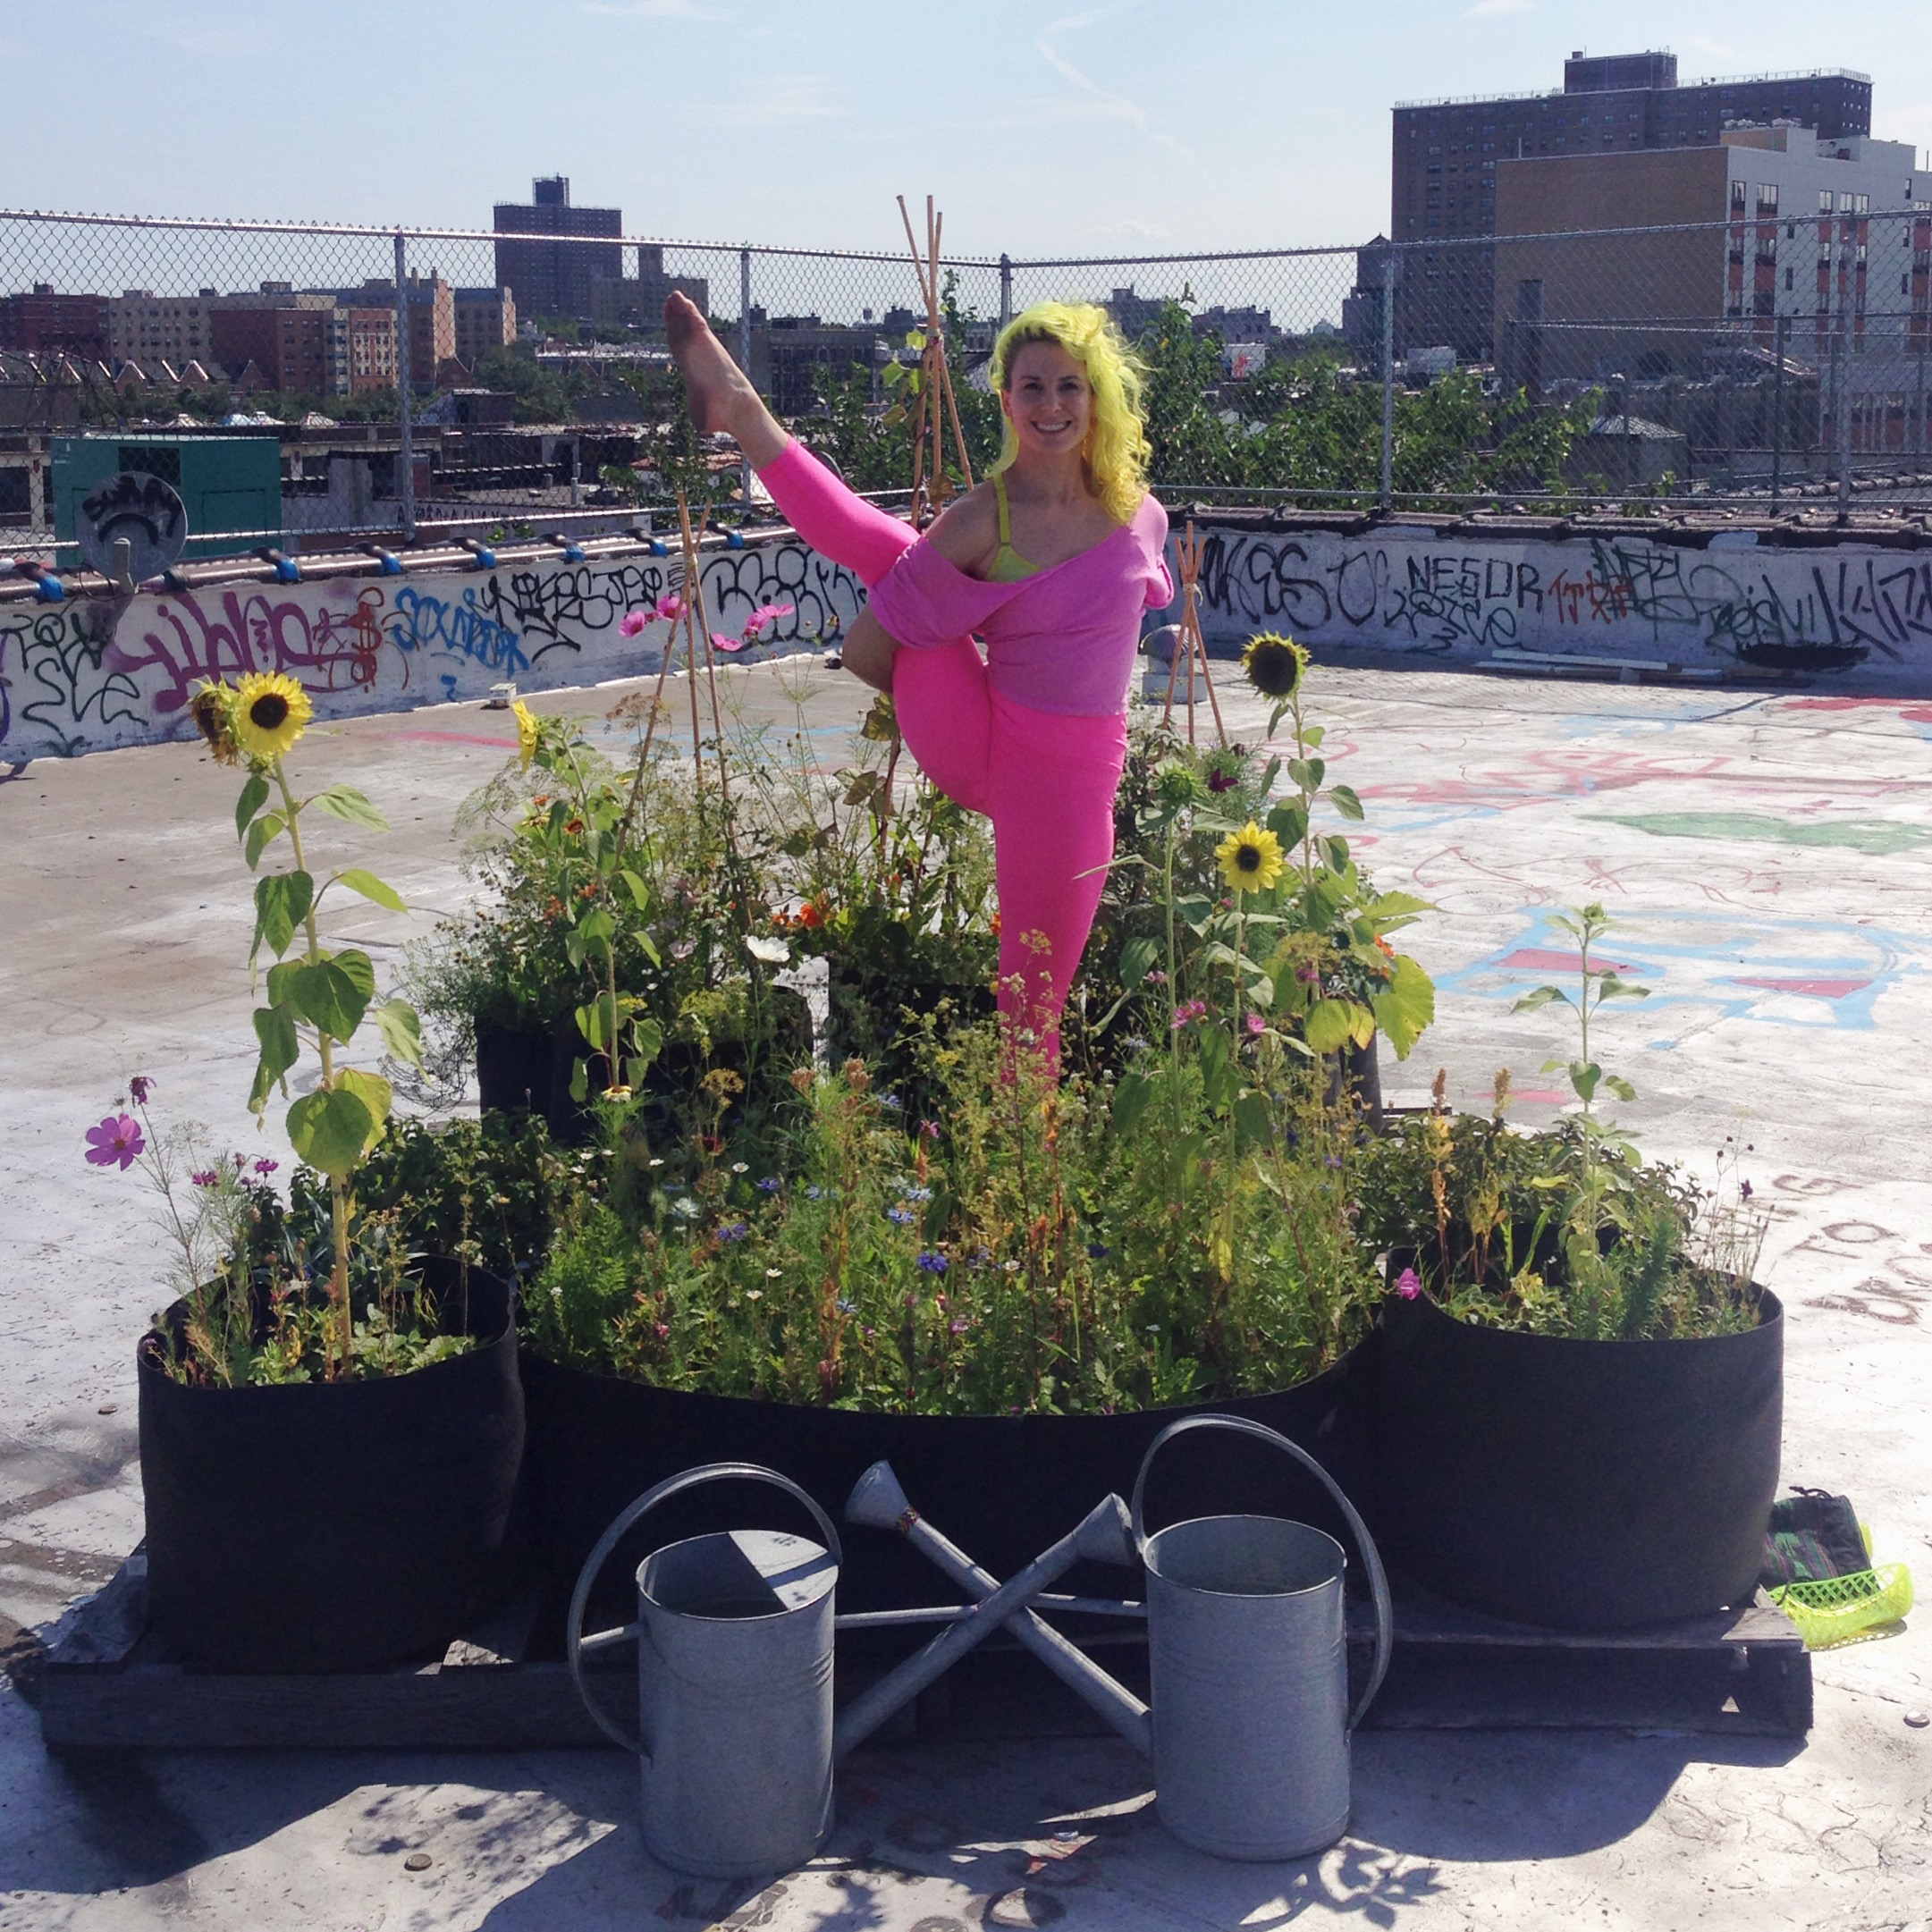 Tending my roof garden in Brooklyn